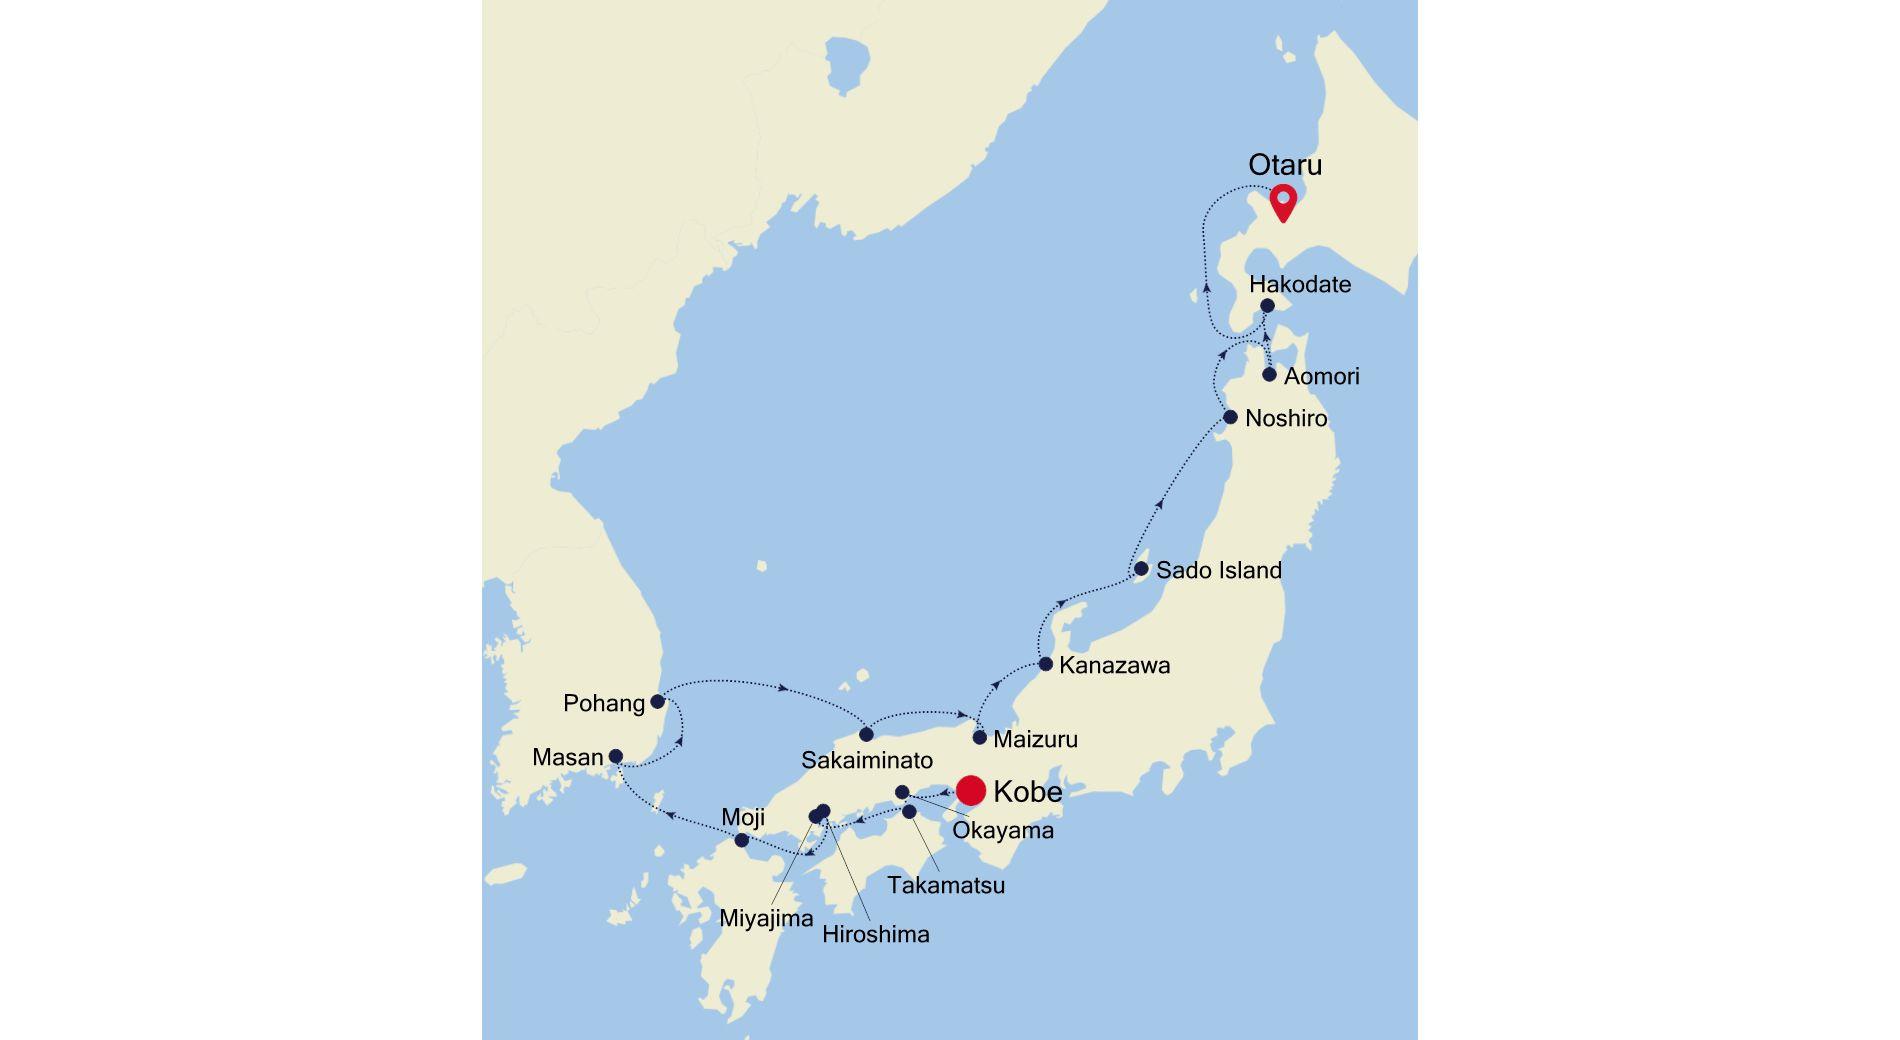 7911 - Kobe  to Otaru